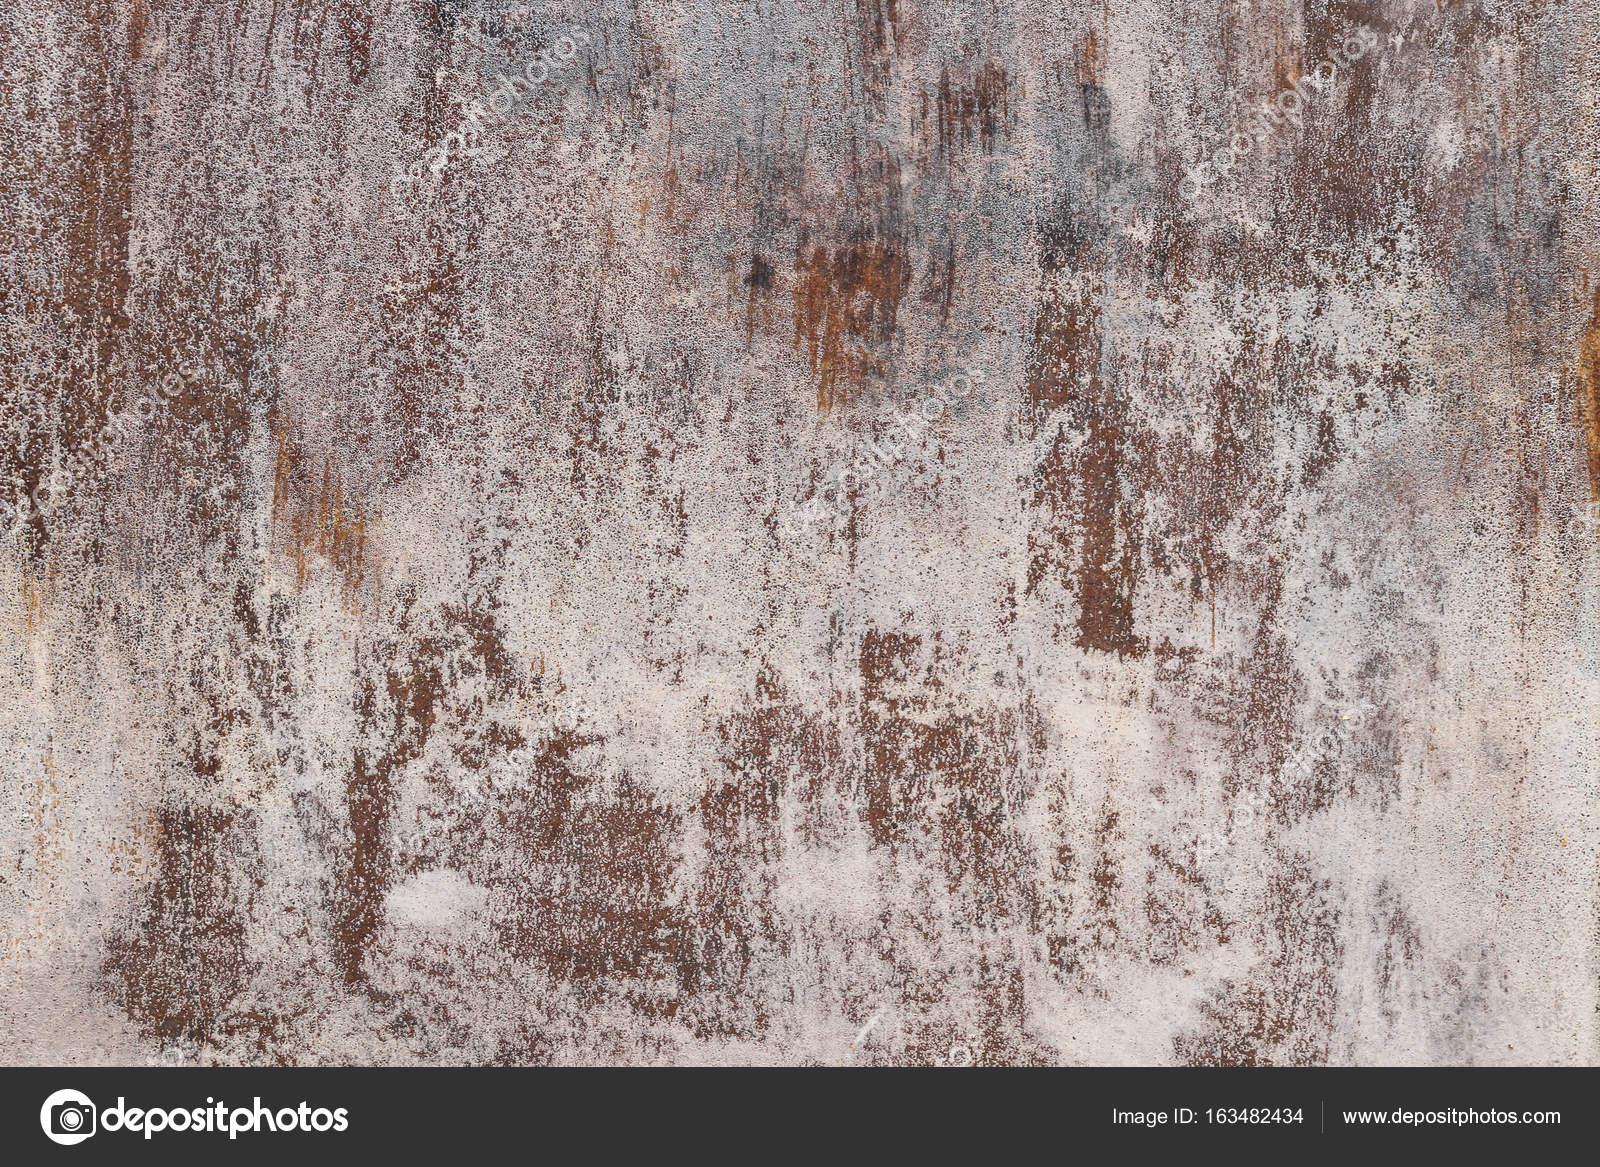 Metalltür korrodierte rostigen metall tür textur stockfoto hochmann